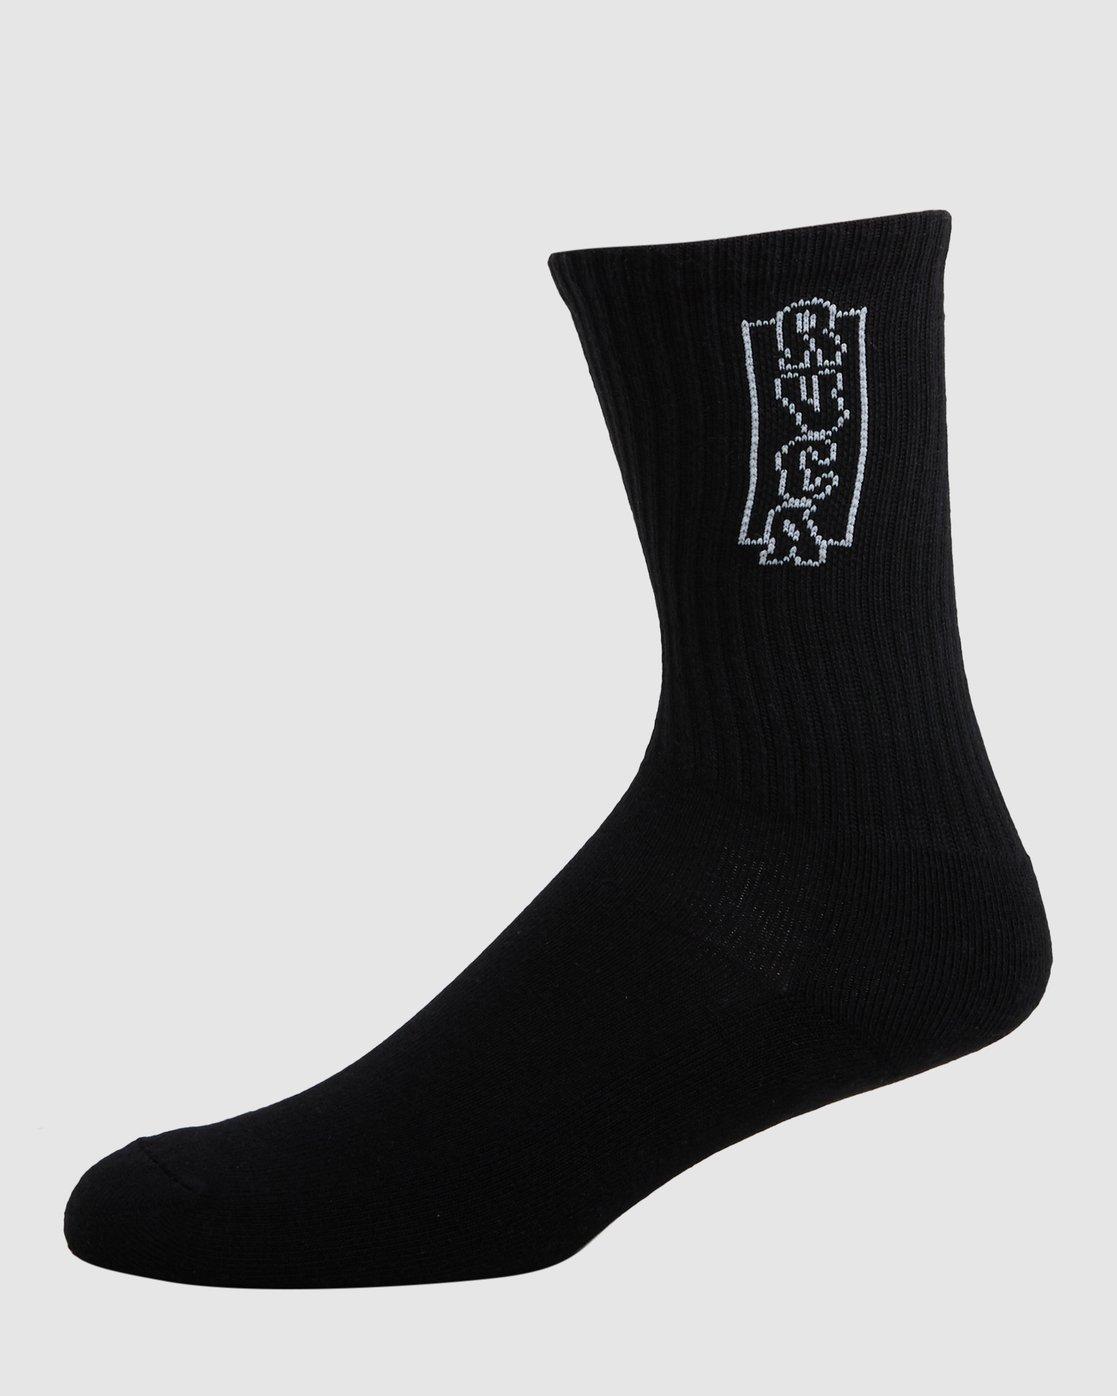 2 RVCA Multi Sock - 4 Pack  R107601 RVCA